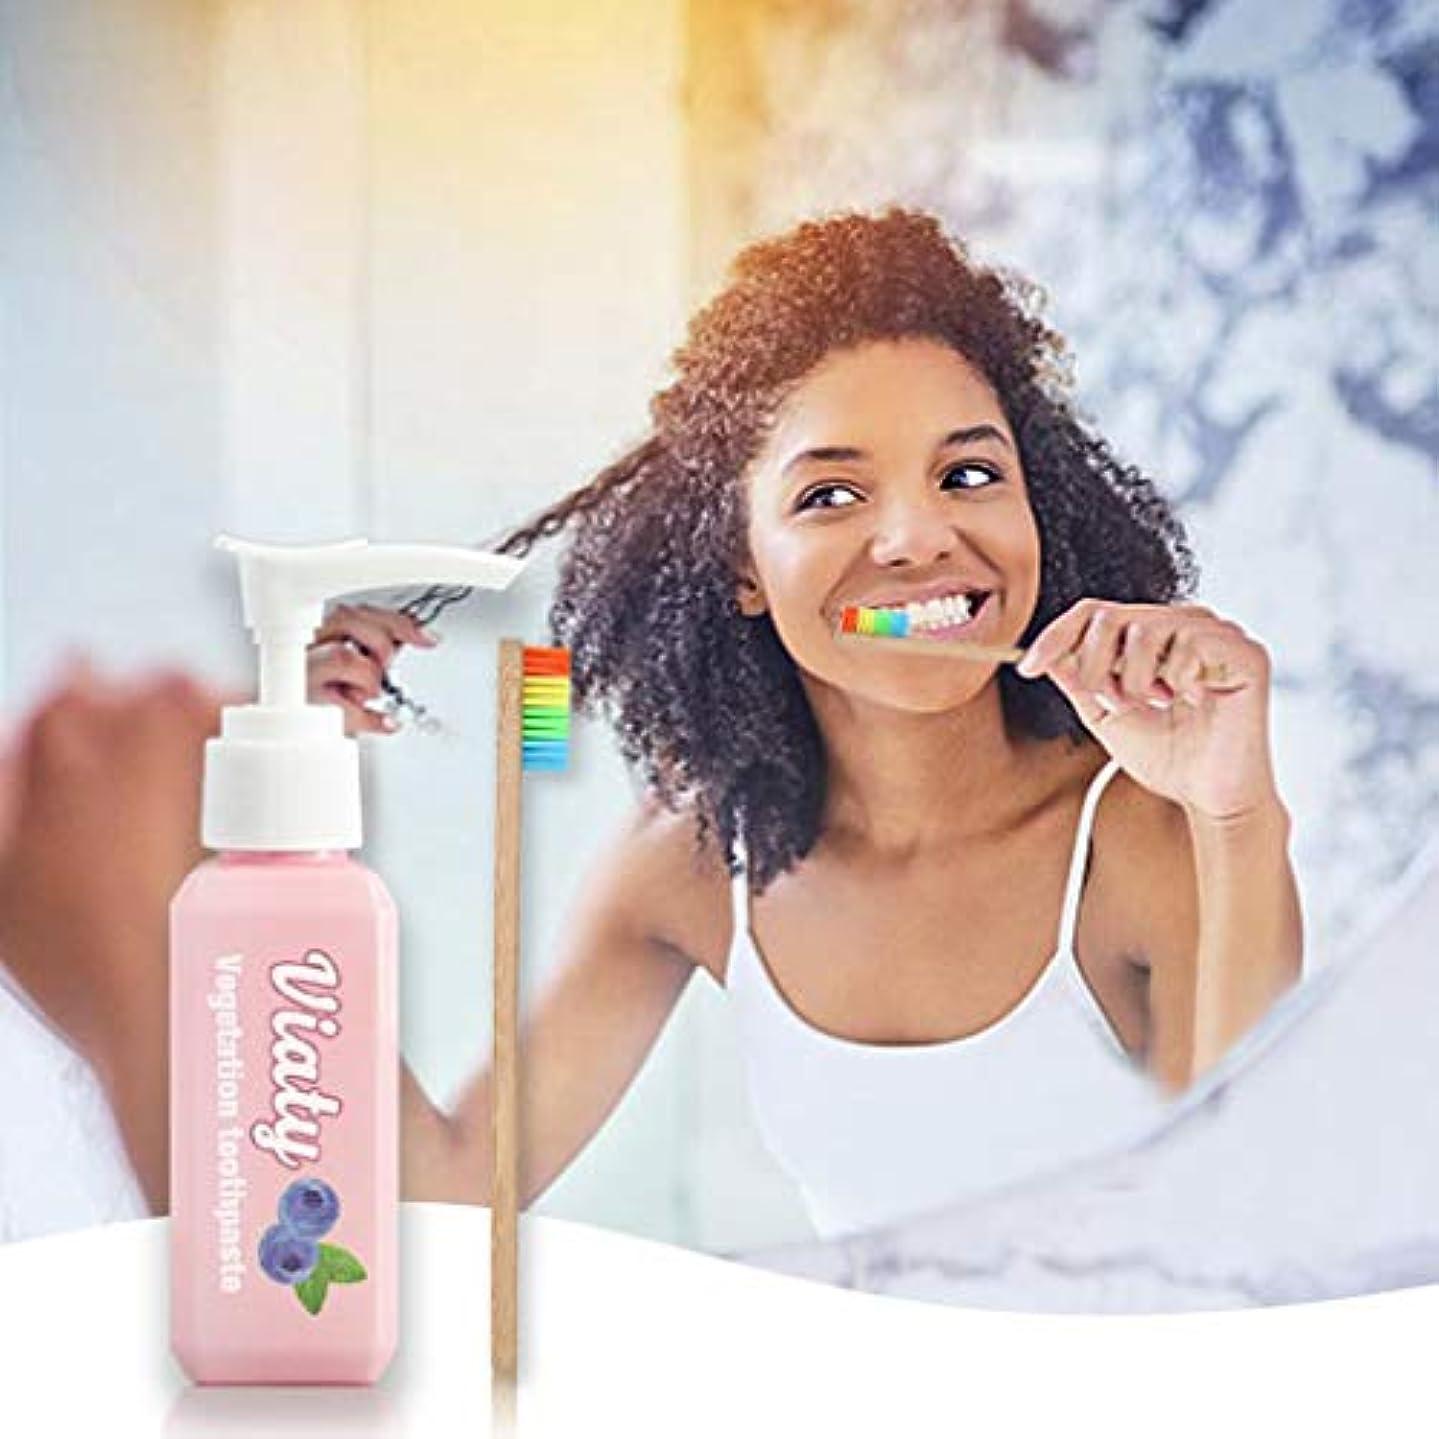 優越無限大割り当てる歯磨き粉 完全に除染 ホワイトニング歯磨き粉 しわ防止歯磨き粉 新鮮な歯磨き粉 マルチエフェクト天然ブルーベリーフレーバー フッ化物添加なし (歯磨き粉1本とレインボー歯ブラシ1本)